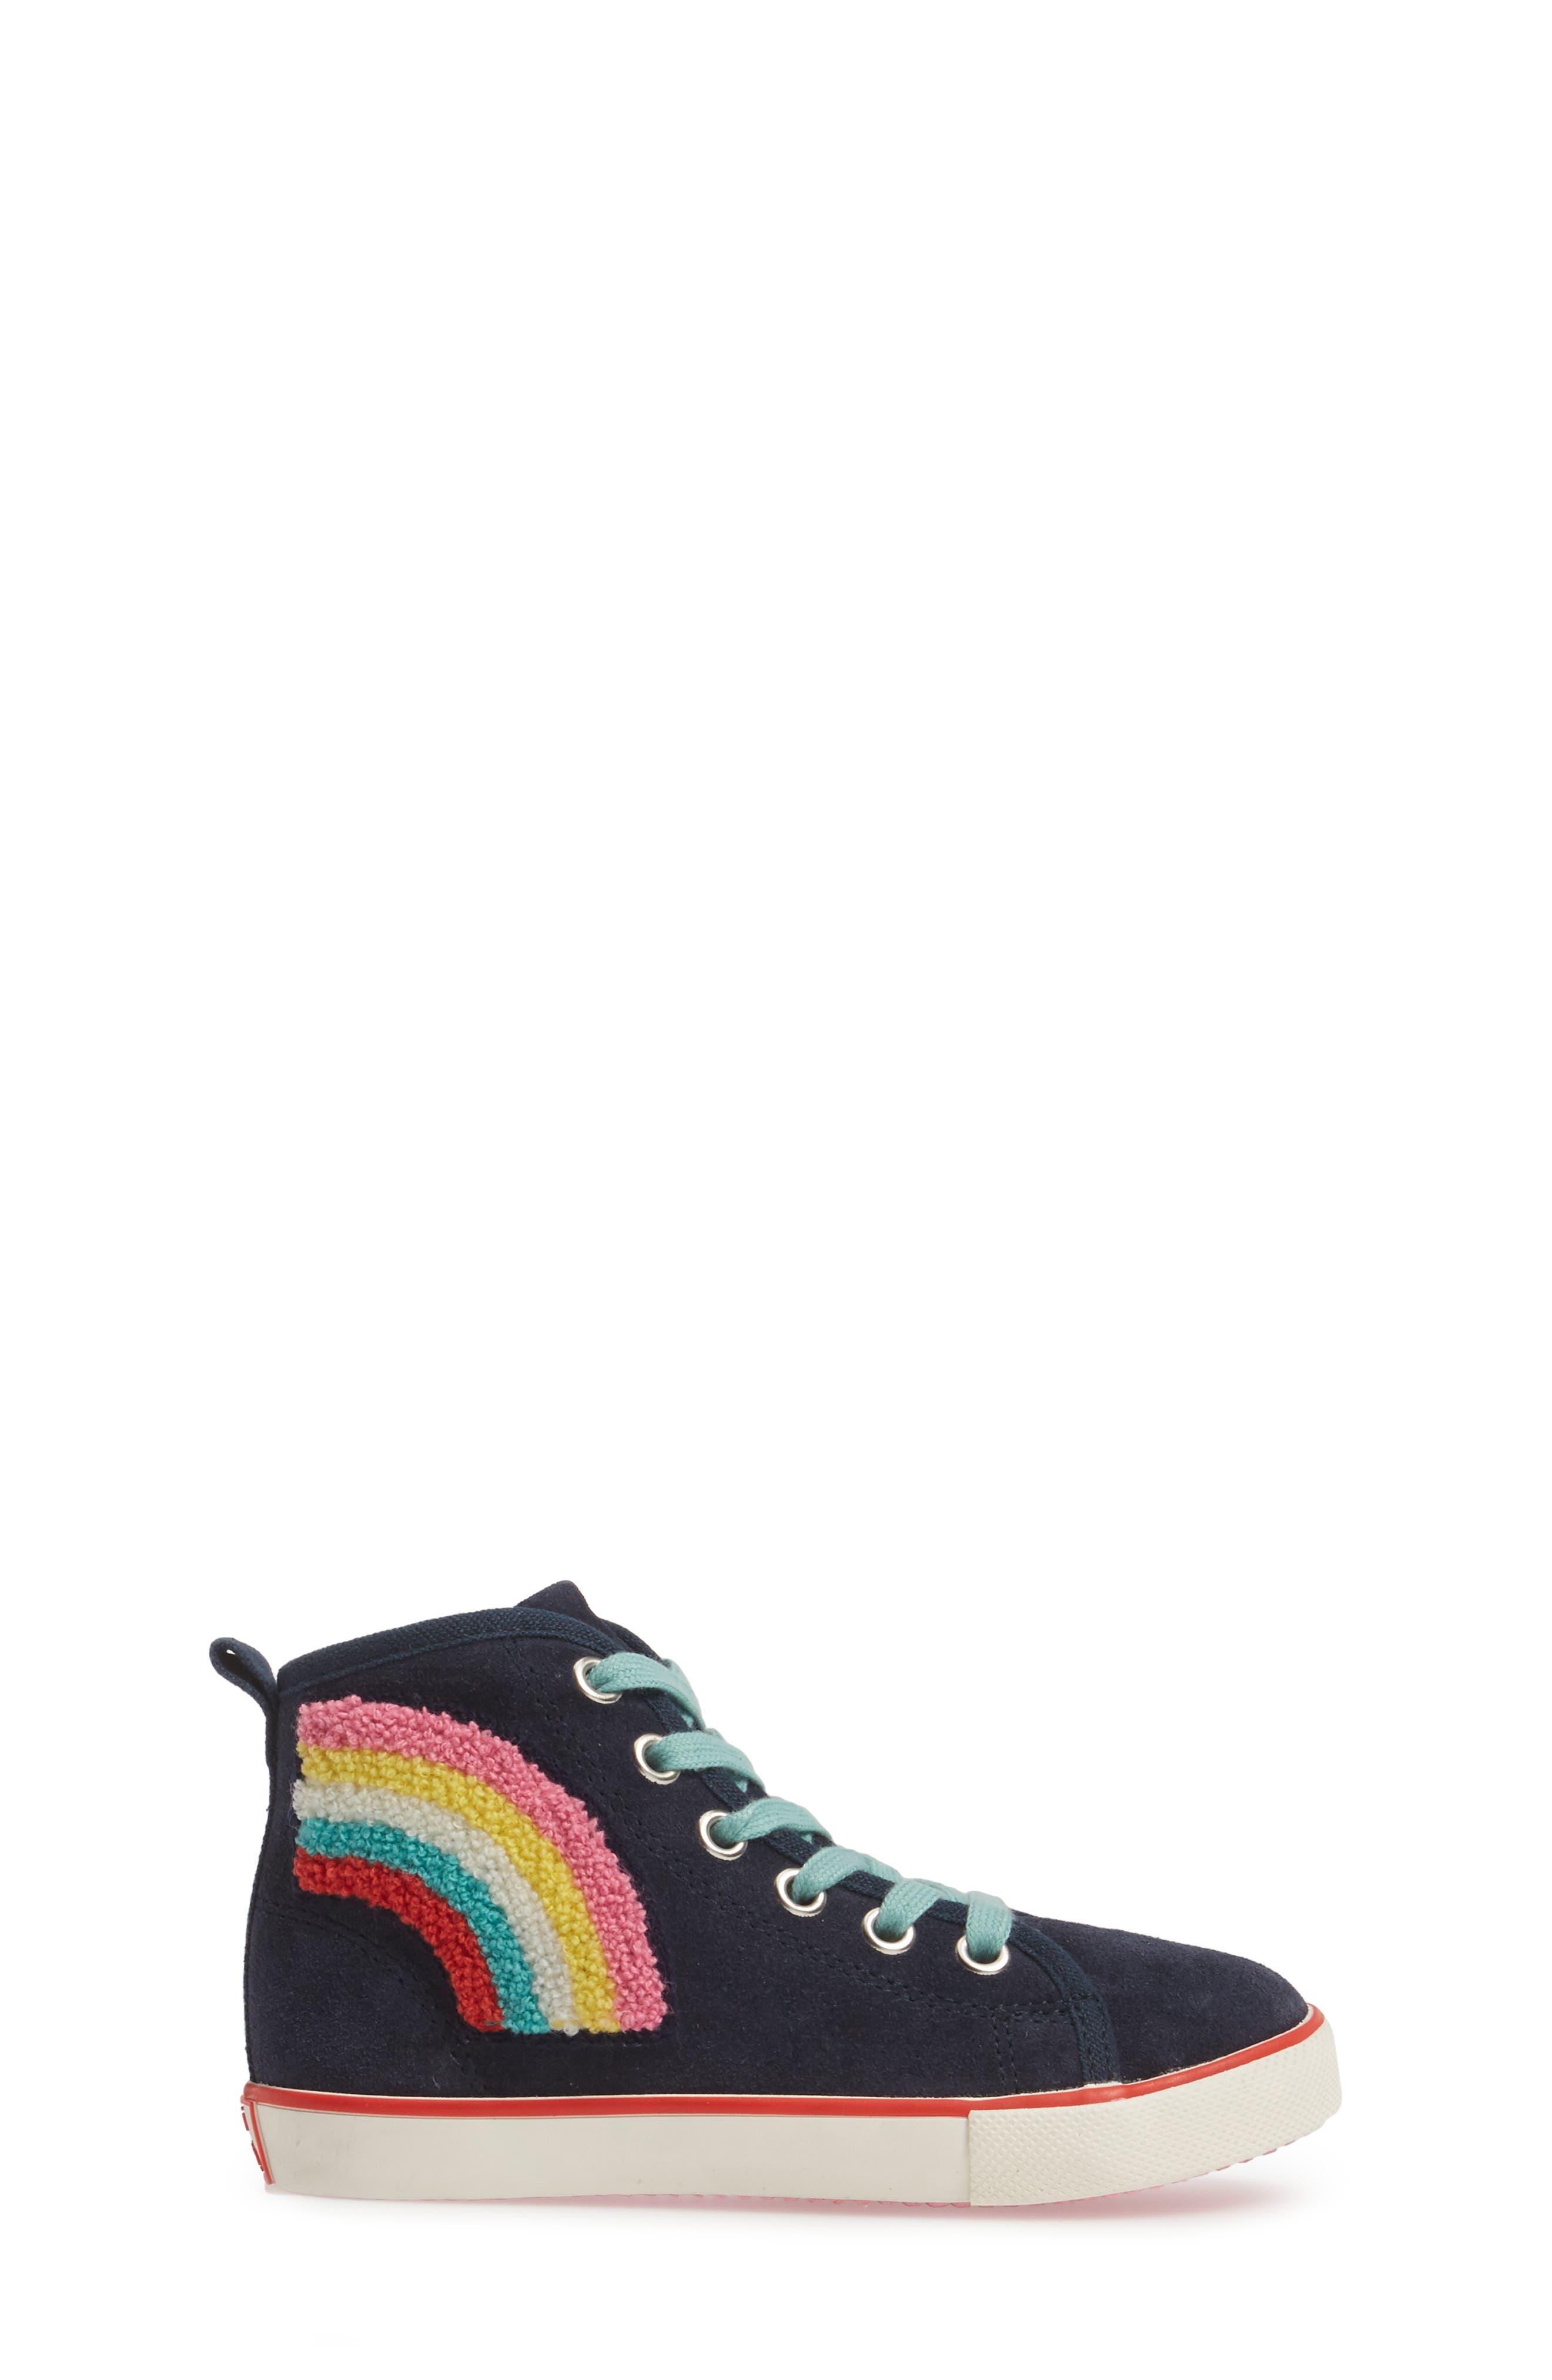 Alternate Image 3  - Mini Boden Embellished High Top Sneaker (Toddler, Little Kid & Big Kid)